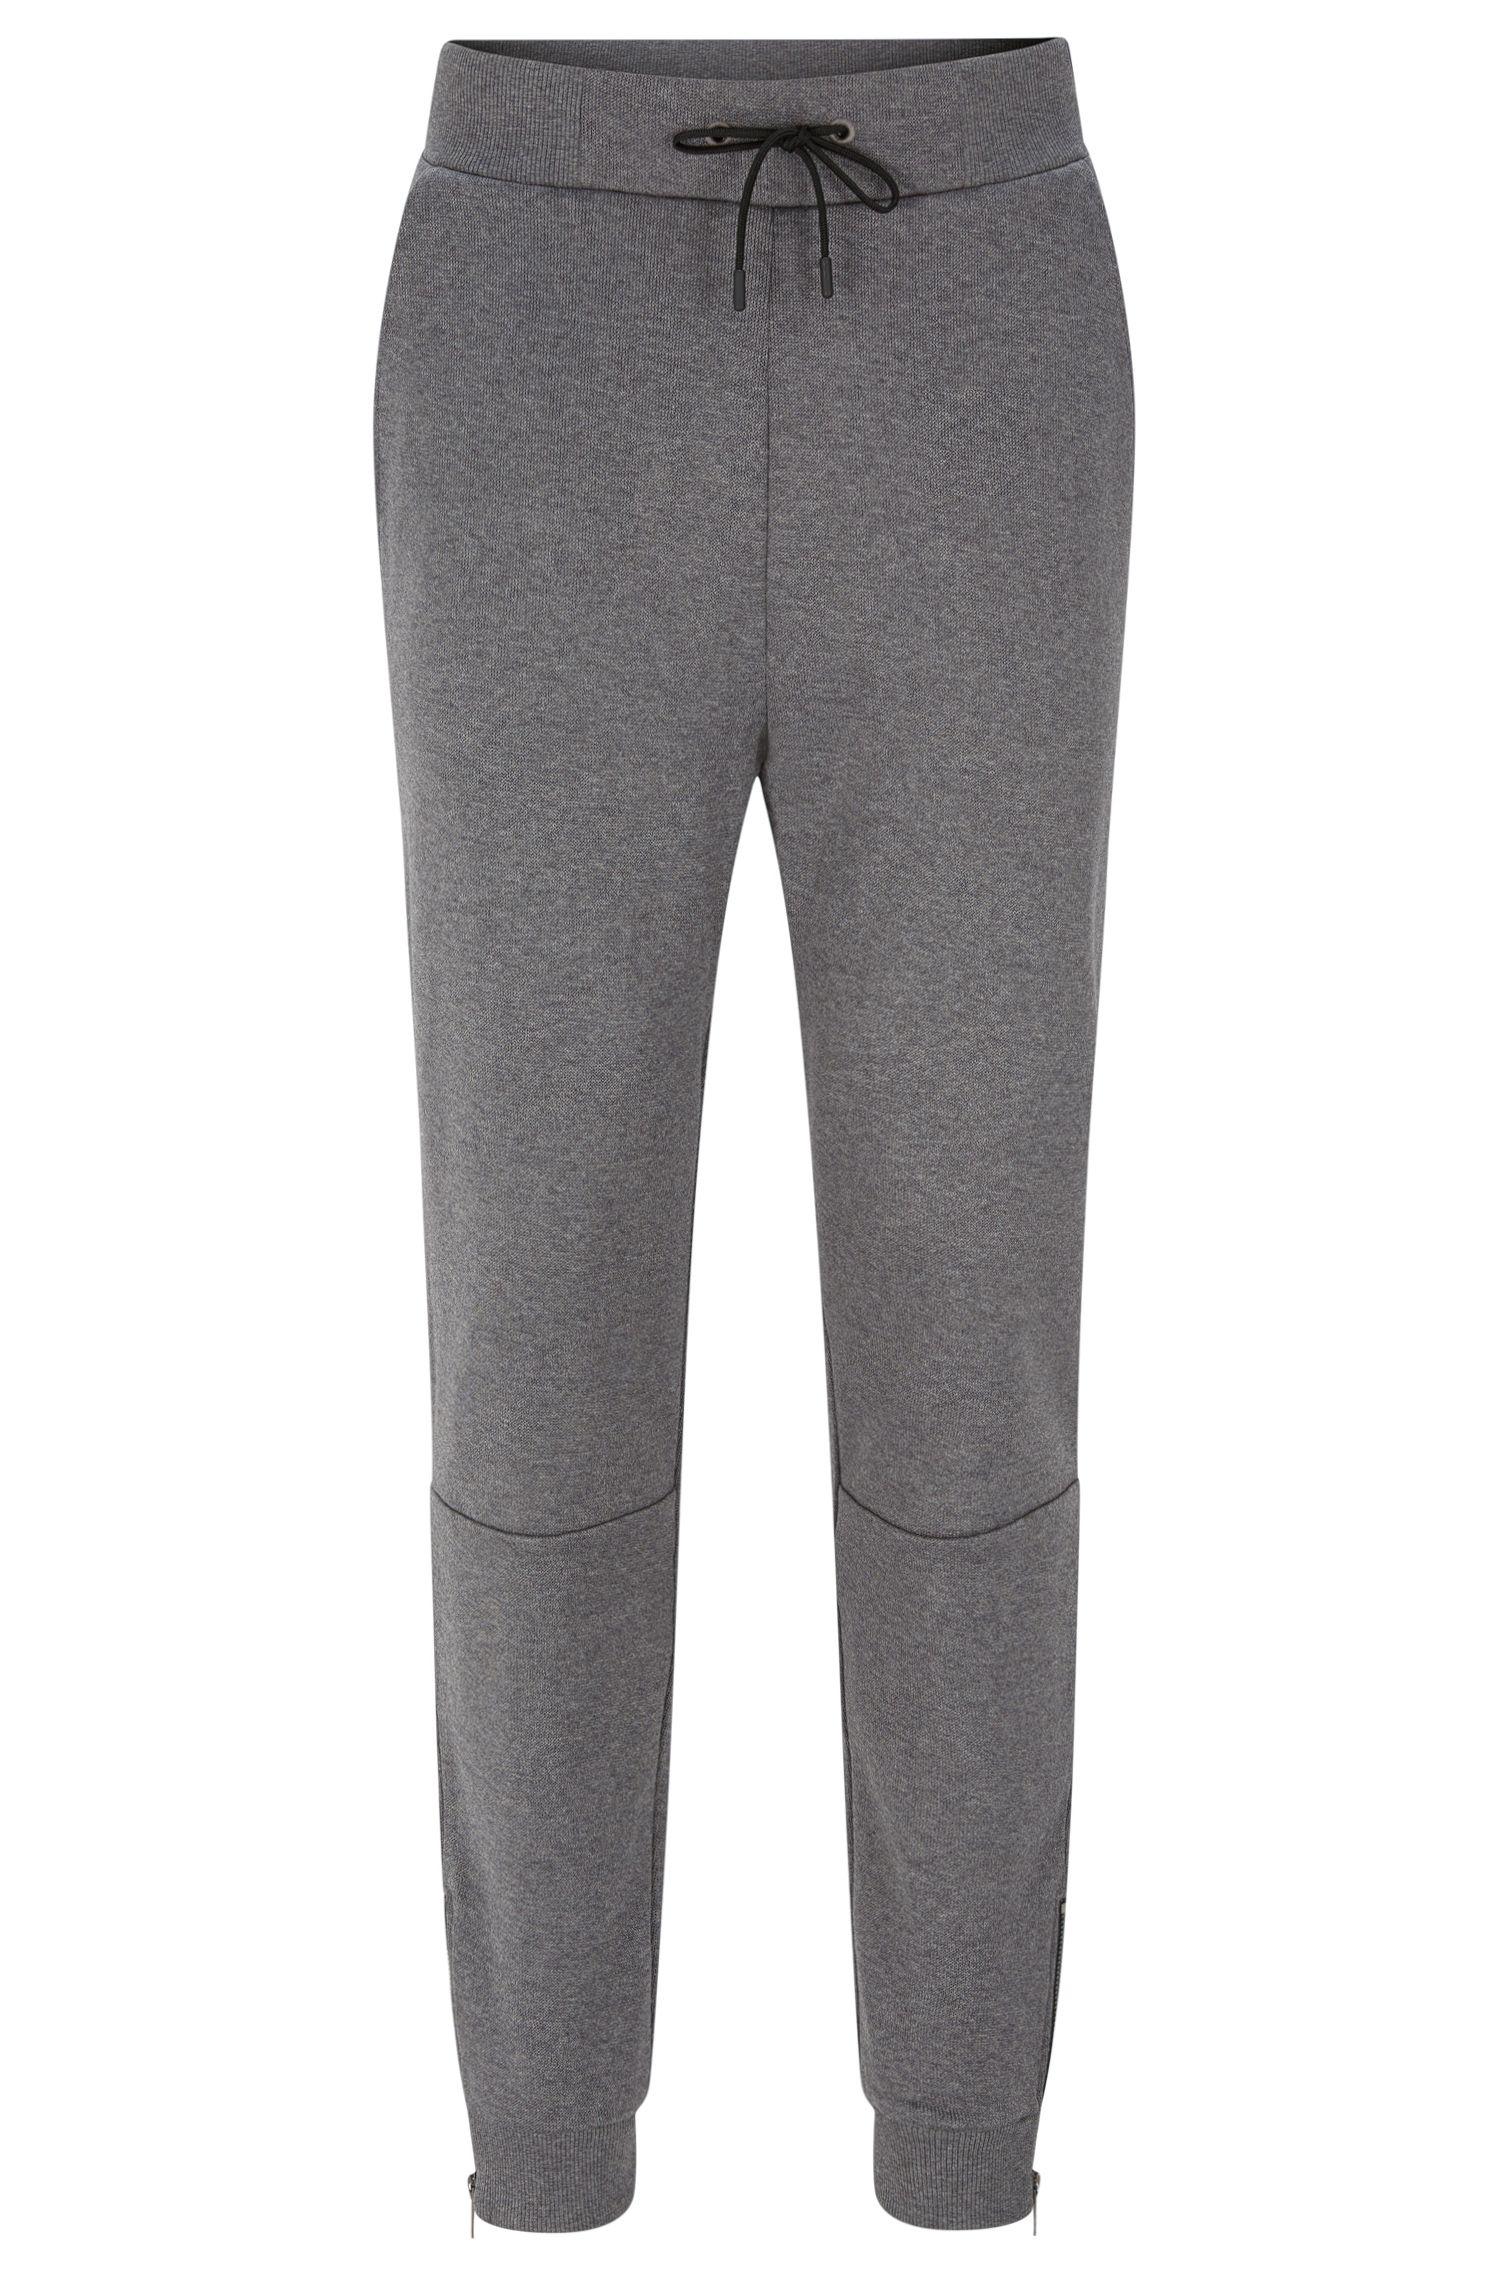 'Destin' | Jersey Cotton Lounge Pants